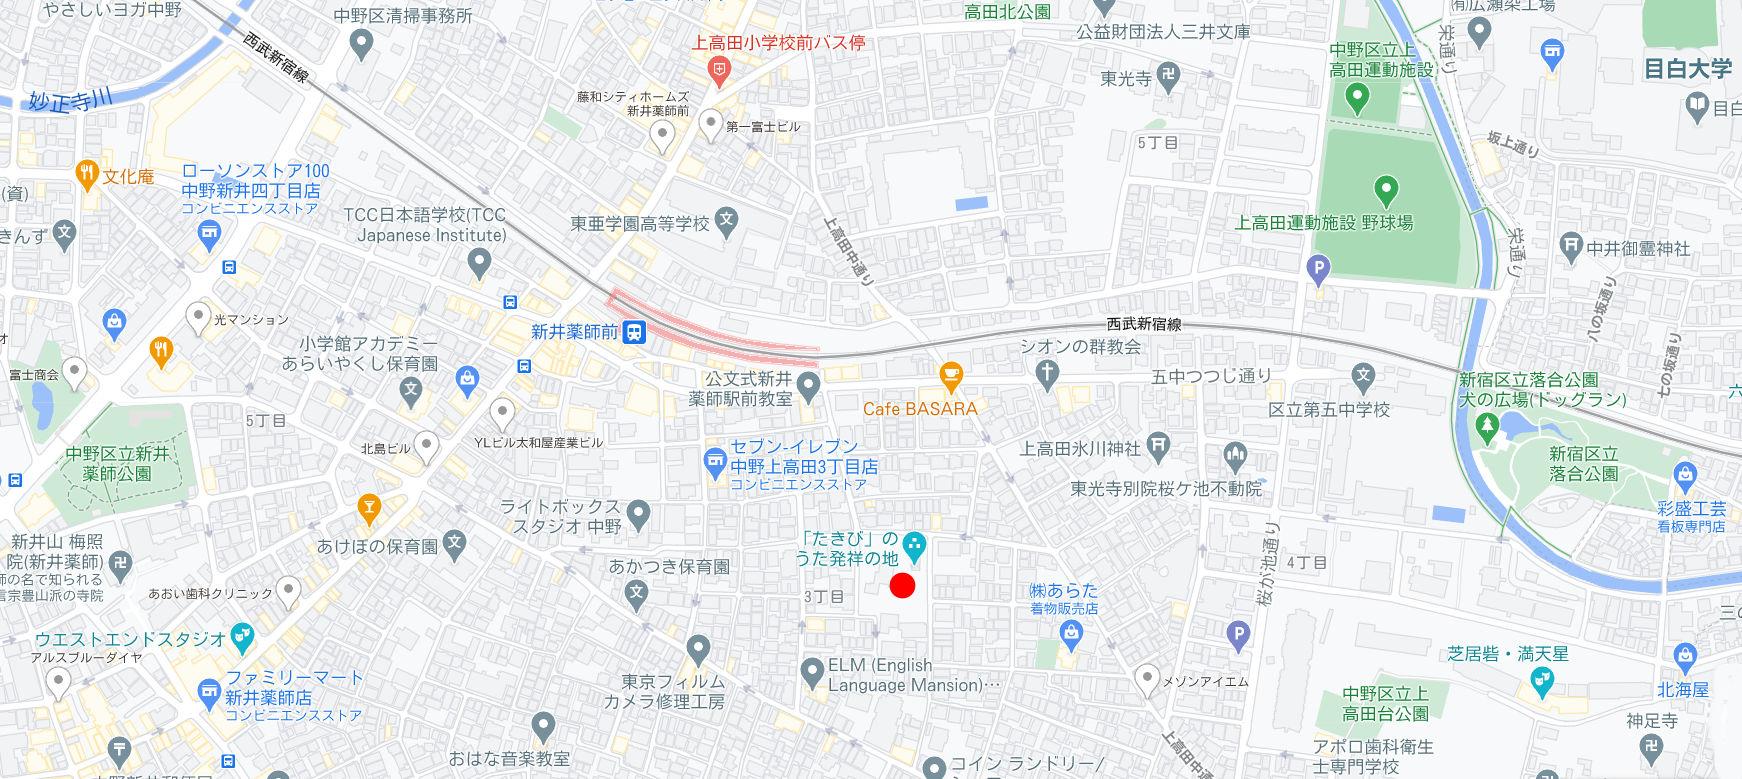 東京都中野区・新井薬師前駅付近の「たきび」の歌発祥の地2019秋-1003